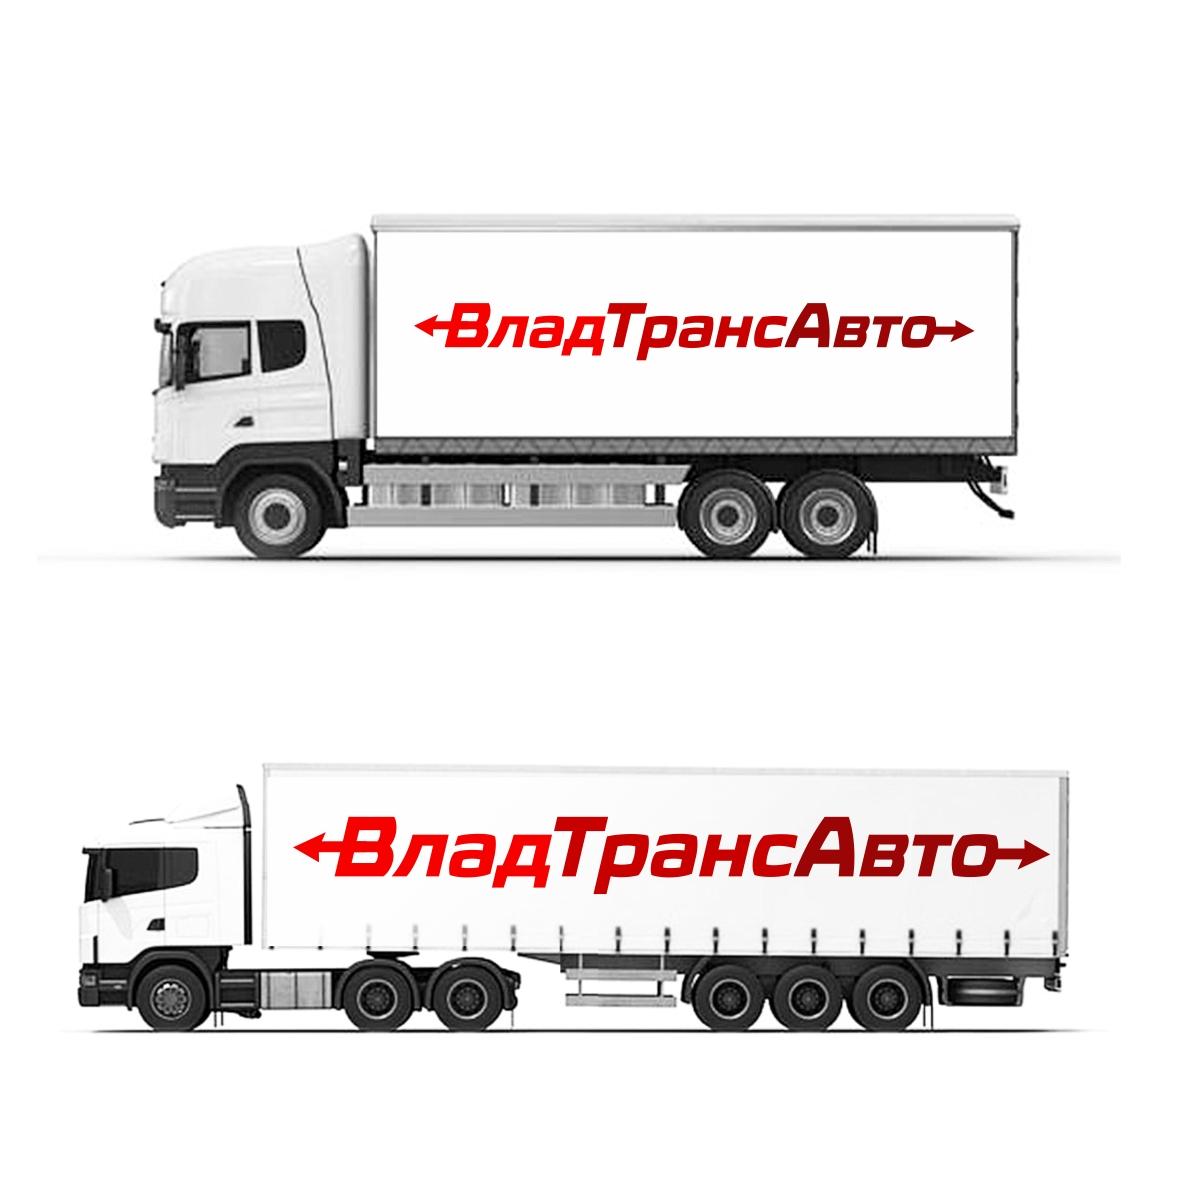 Логотип и фирменный стиль для транспортной компании Владтрансавто фото f_5415cdbad7332b56.jpg